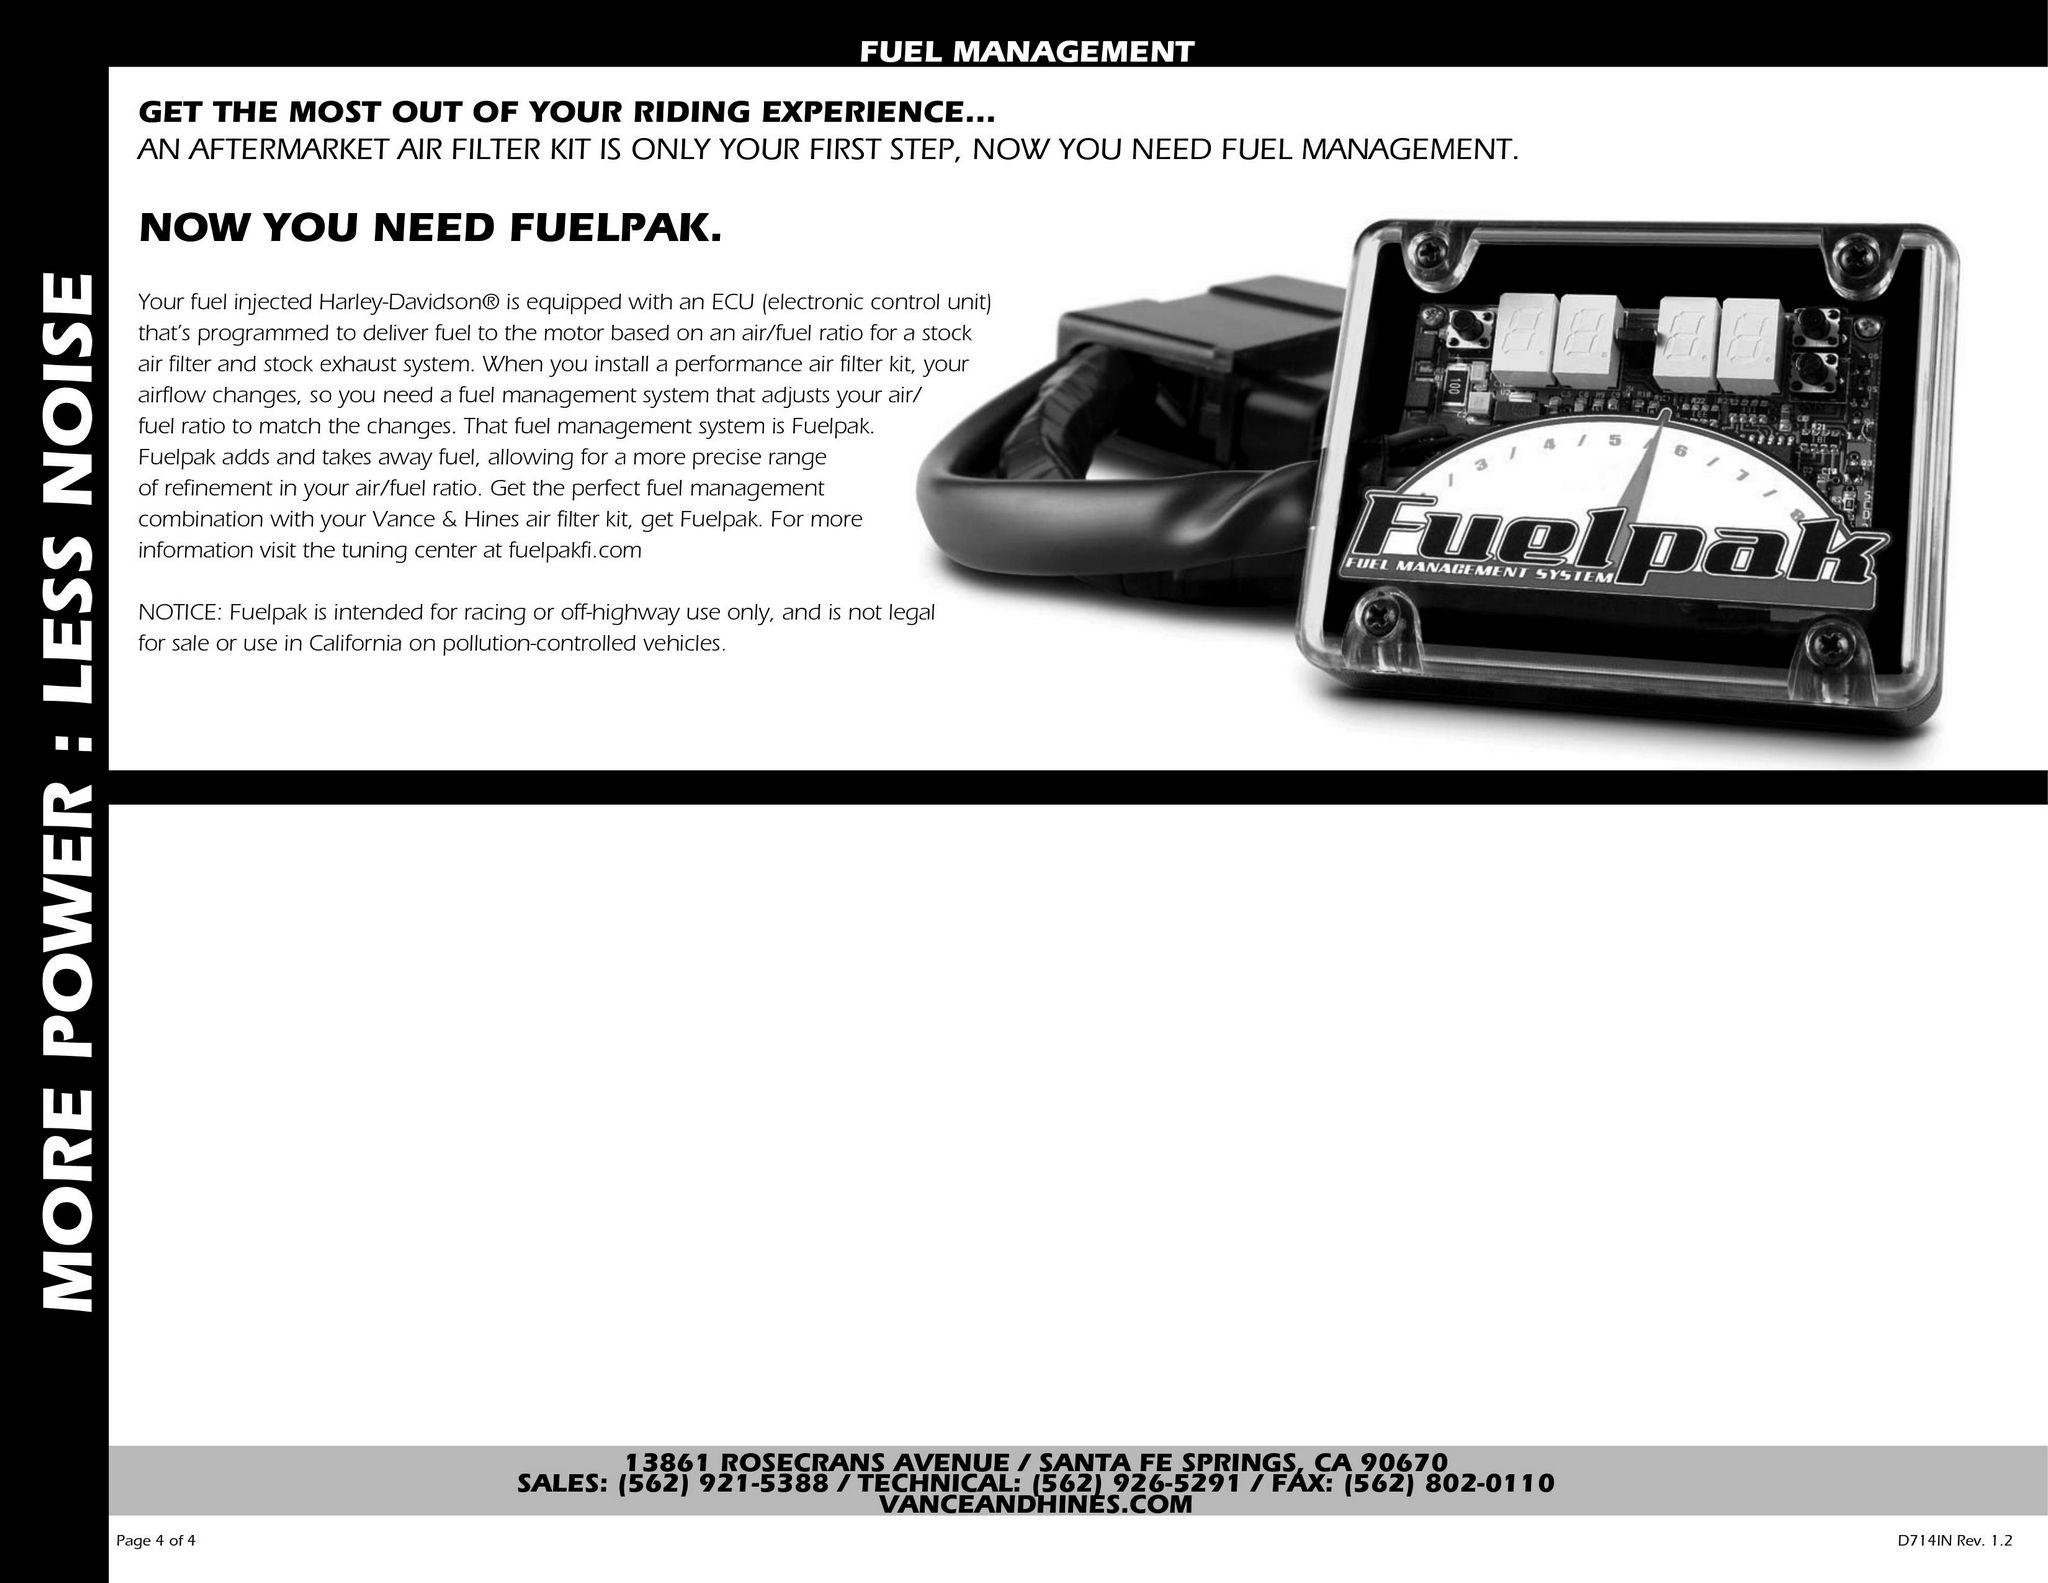 【VANCE&HINES】VO2 AIR INTAKE DRAK BLACK 空濾外蓋套件(黑色) - 「Webike-摩托百貨」